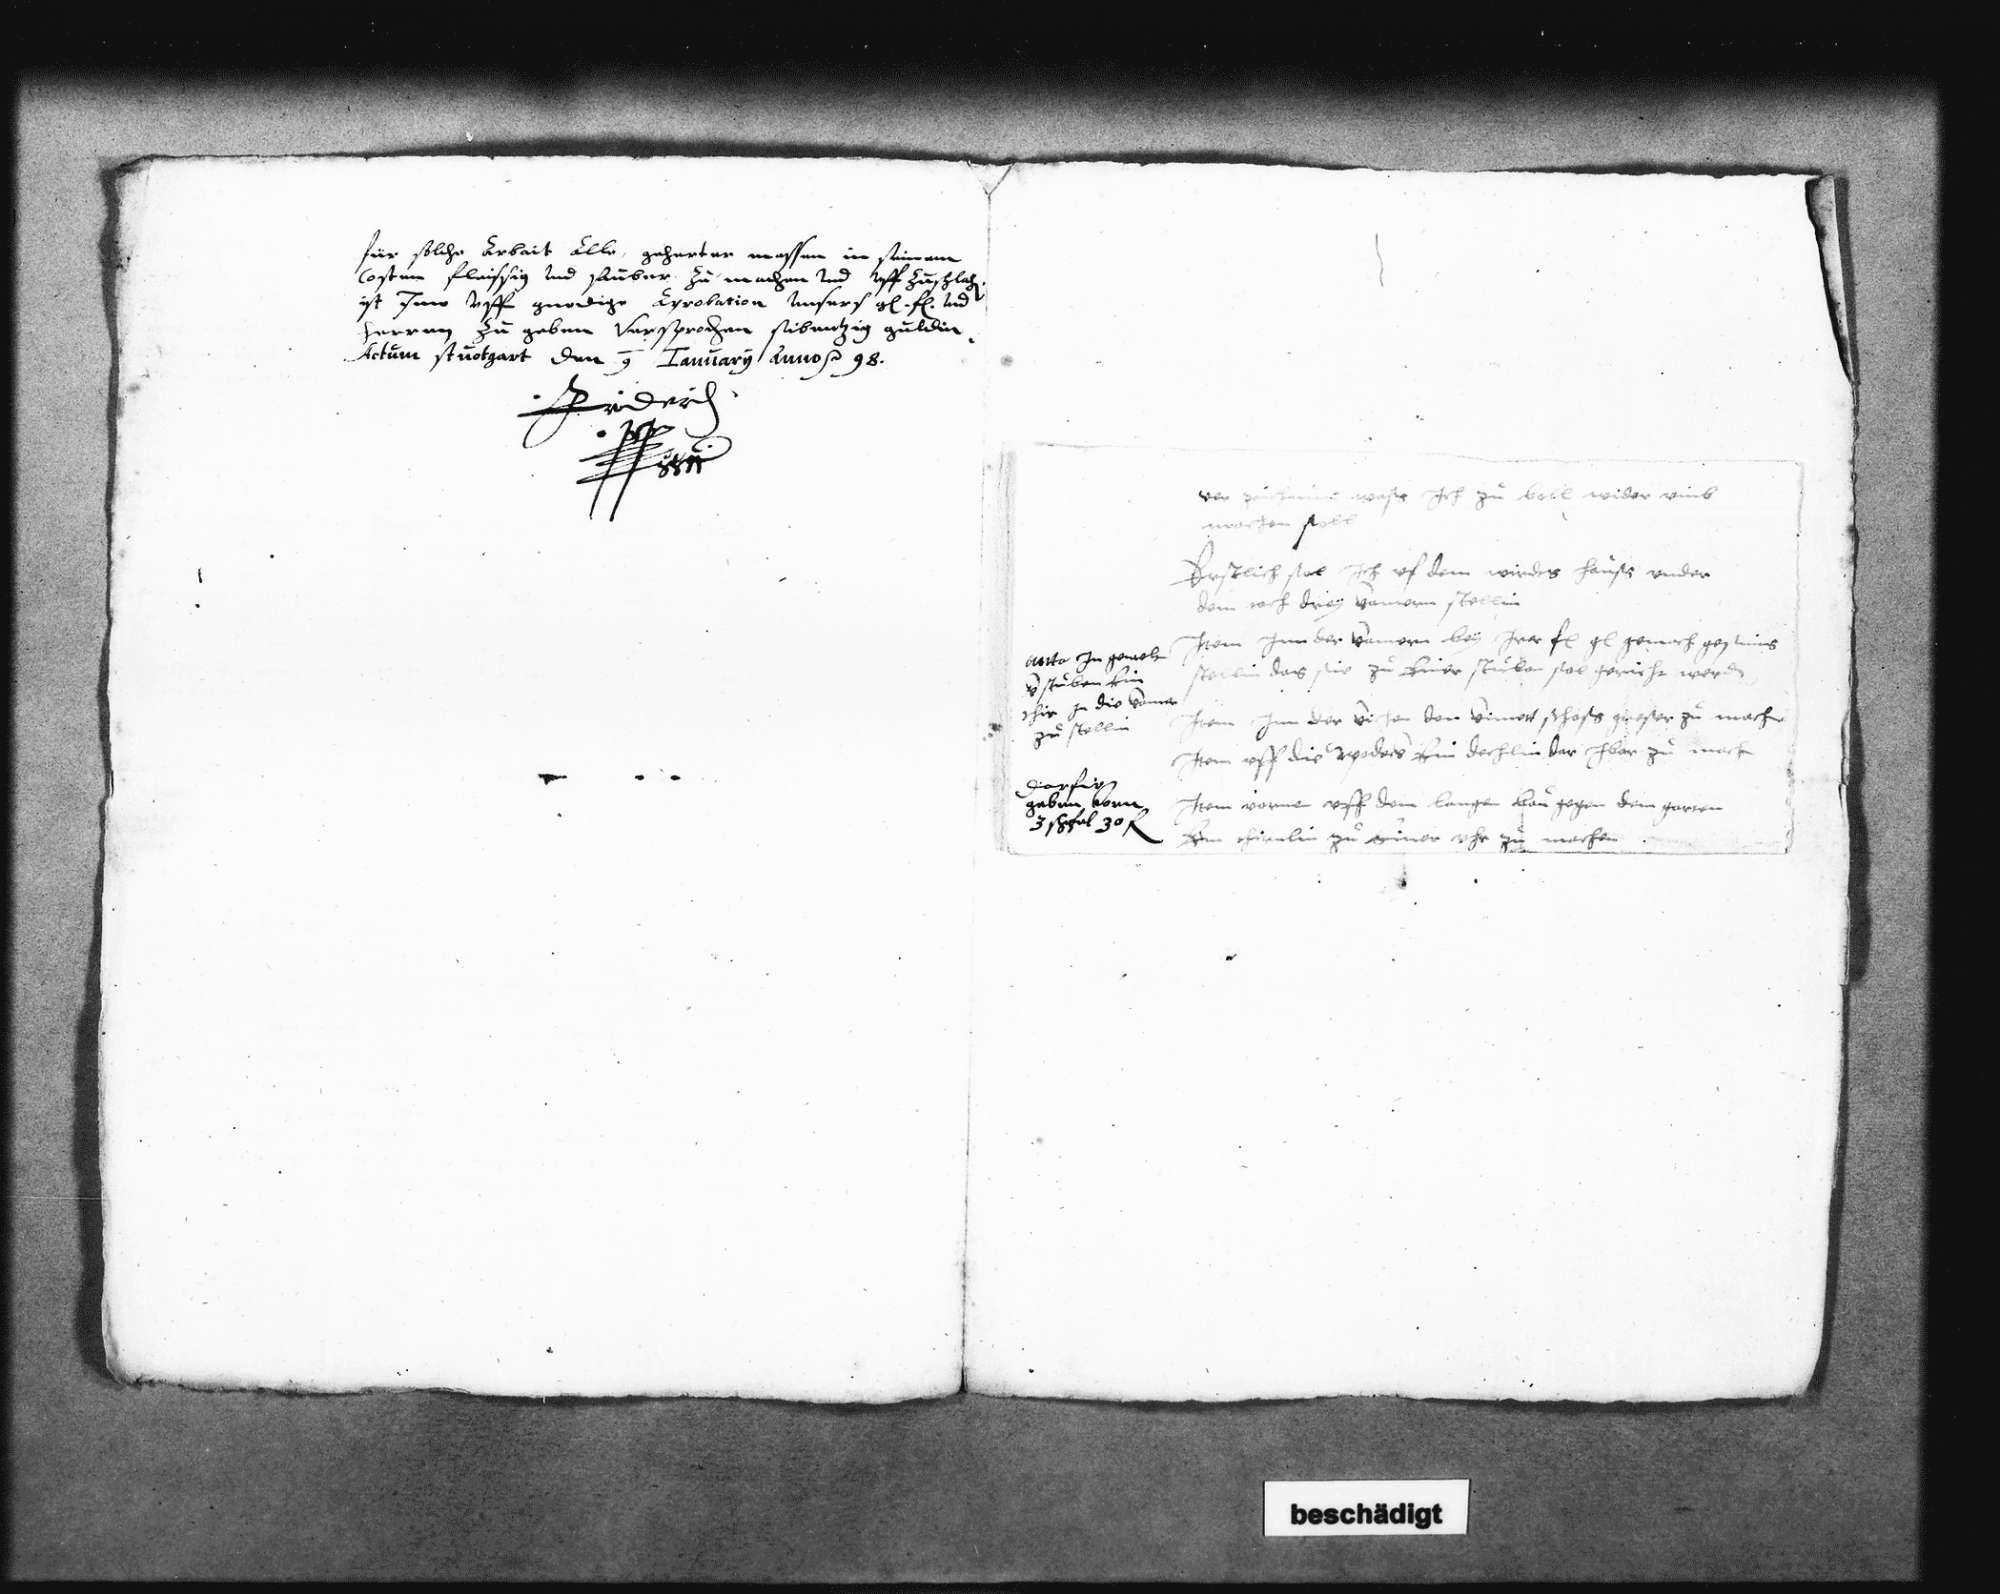 Auftrag für das Uhrtürmchen an den Uhrmachermeister Martin Rapp in Stuttgart, unterschrieben von Herzog Friedrich; zwei Schreiben dazu von Christoph Reyhing, Bild 2